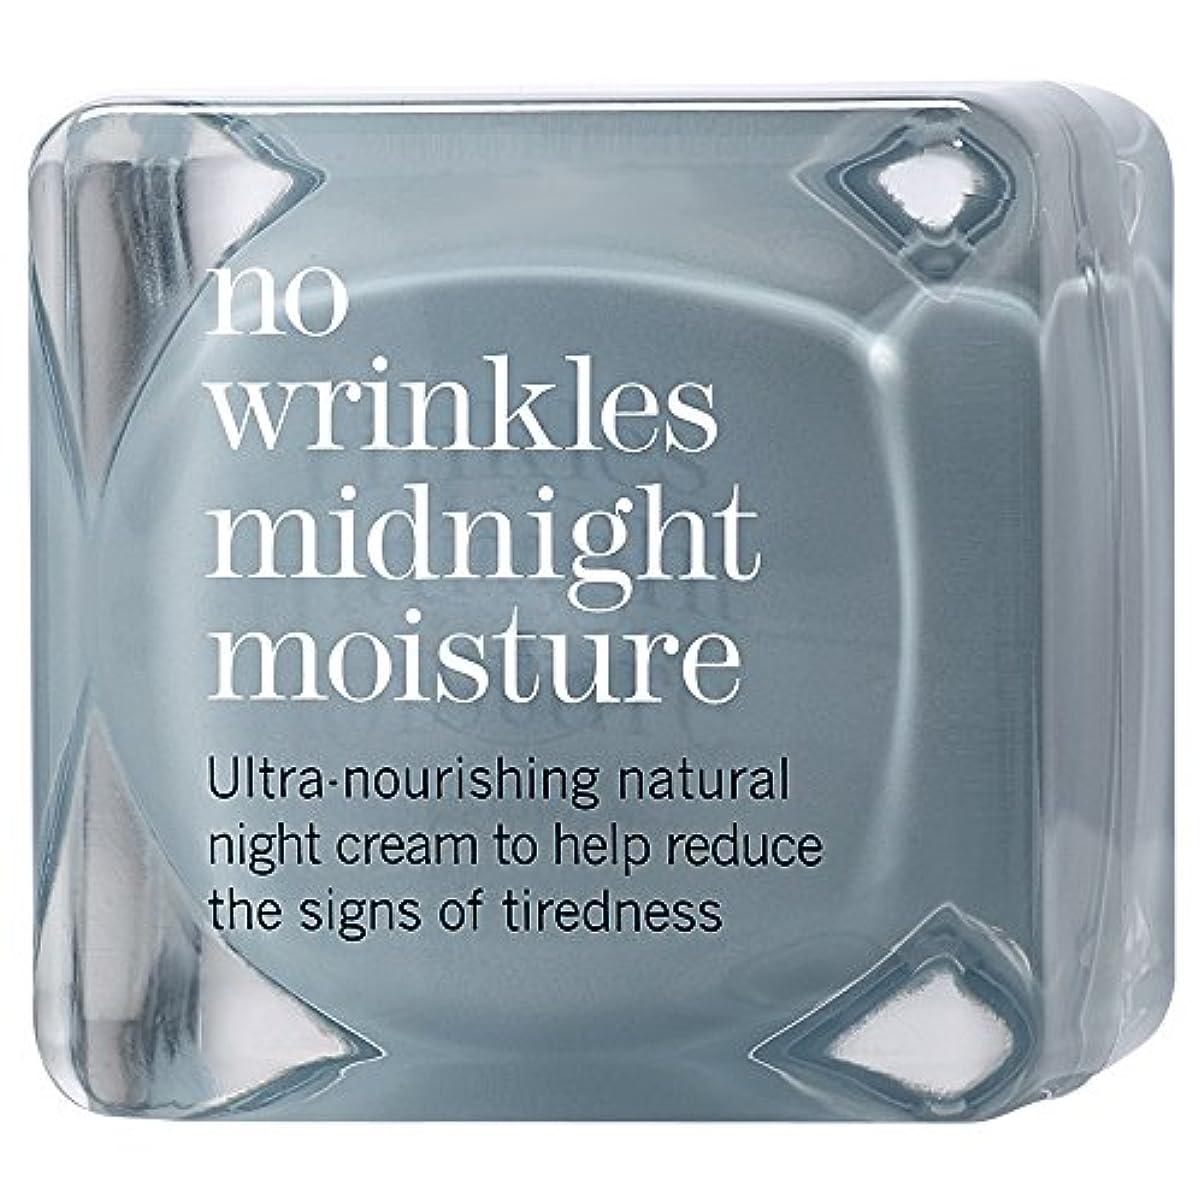 新しさクラックポット活性化するこれにはしわ真夜中の水分48ミリリットルの作品はありません (This Works) - This Works No Wrinkles Midnight Moisture 48ml [並行輸入品]